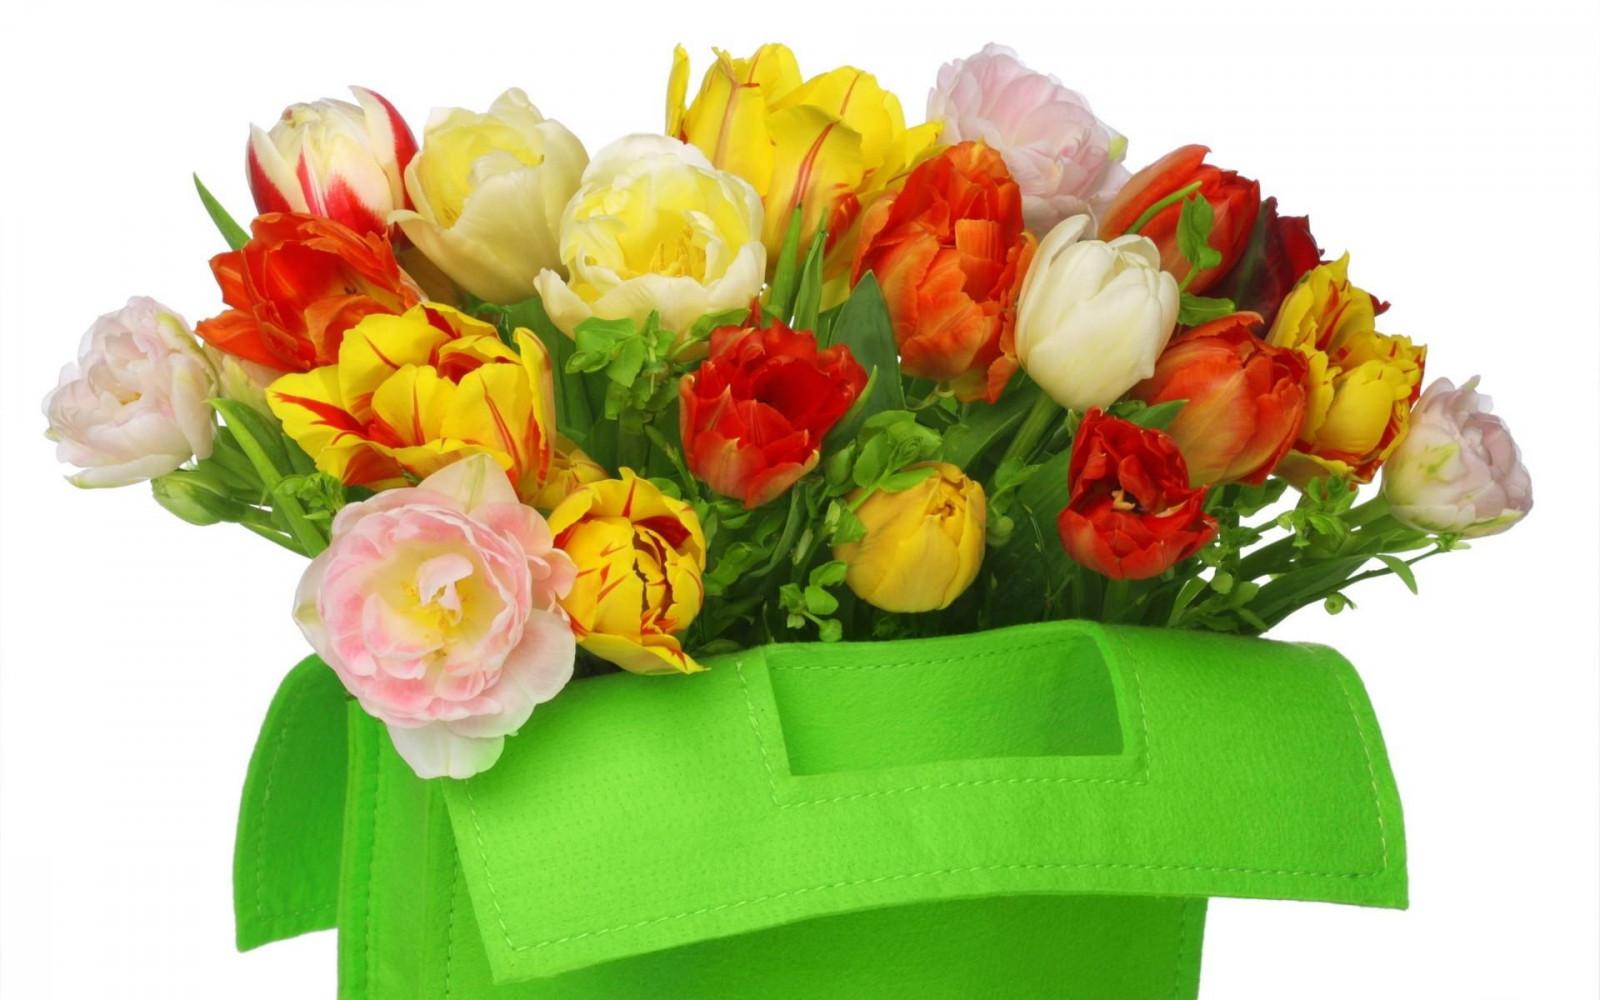 Картинки букет весенних цветов на прозрачном фоне, добрым утром смешные